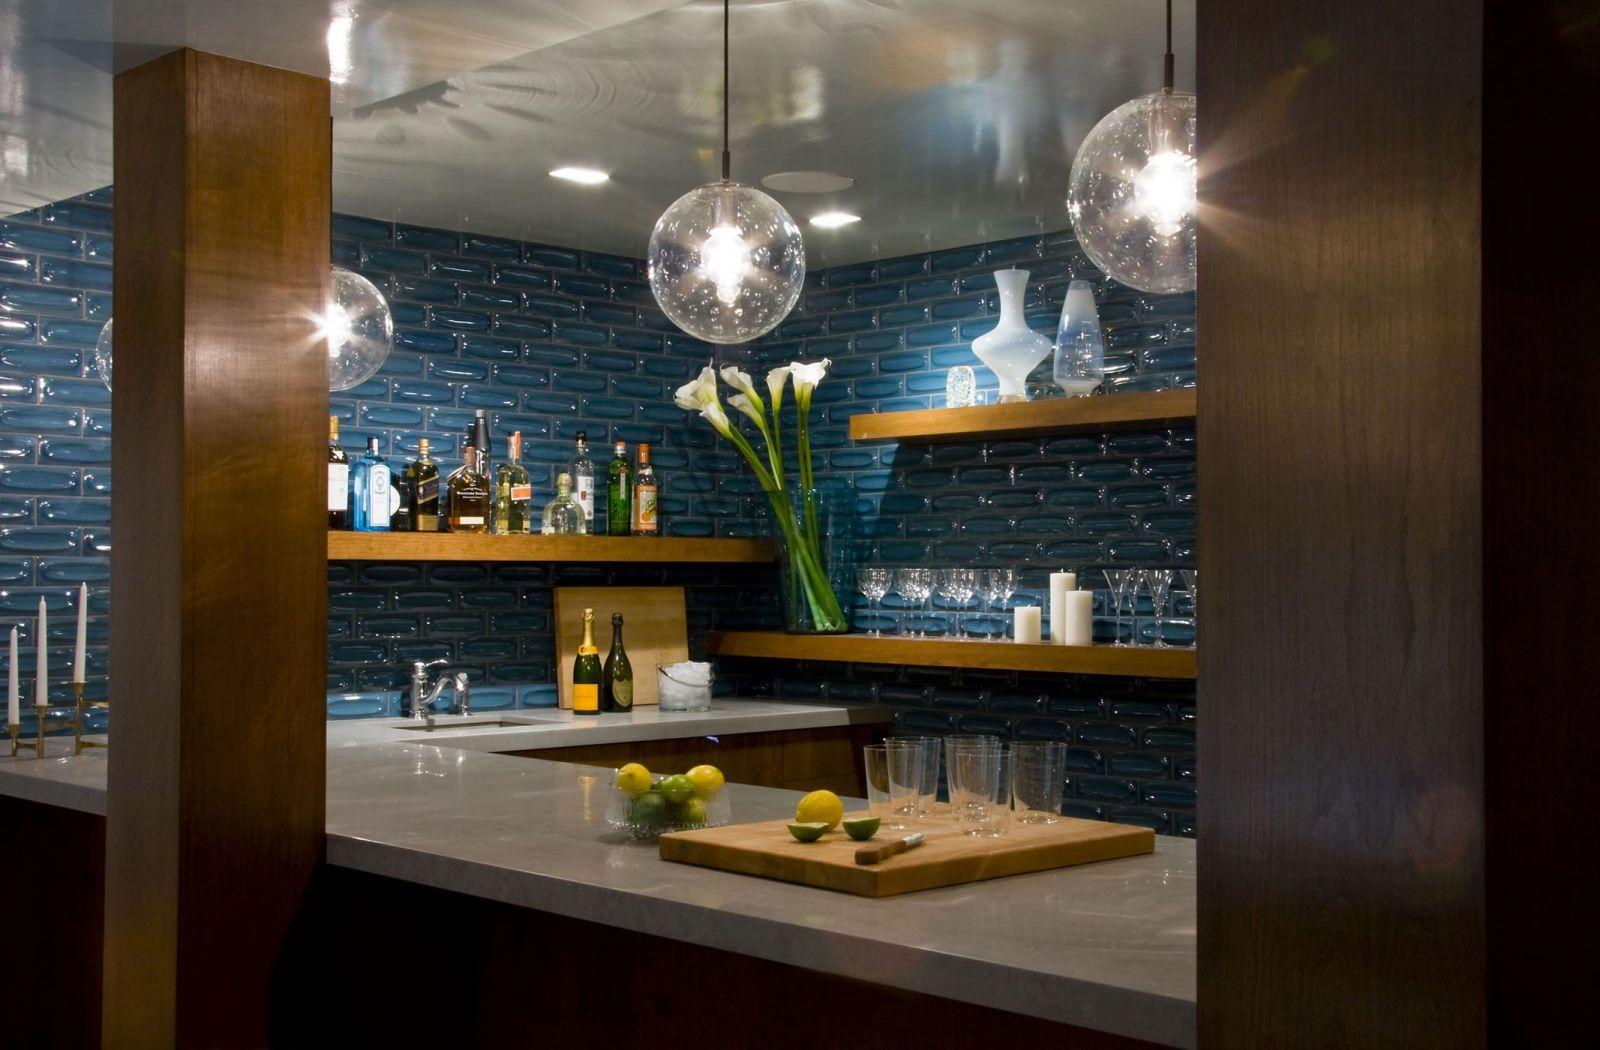 Quầy bar này gợi nhớ tới những ngôi nhà nằm bên bãi biển thơ mộng, khu phòng bếp ốp gạch xanh lam và quần bar bằng gỗ kết hợp tạo cảm giác trôi nổi giữa bầu trời đêm.